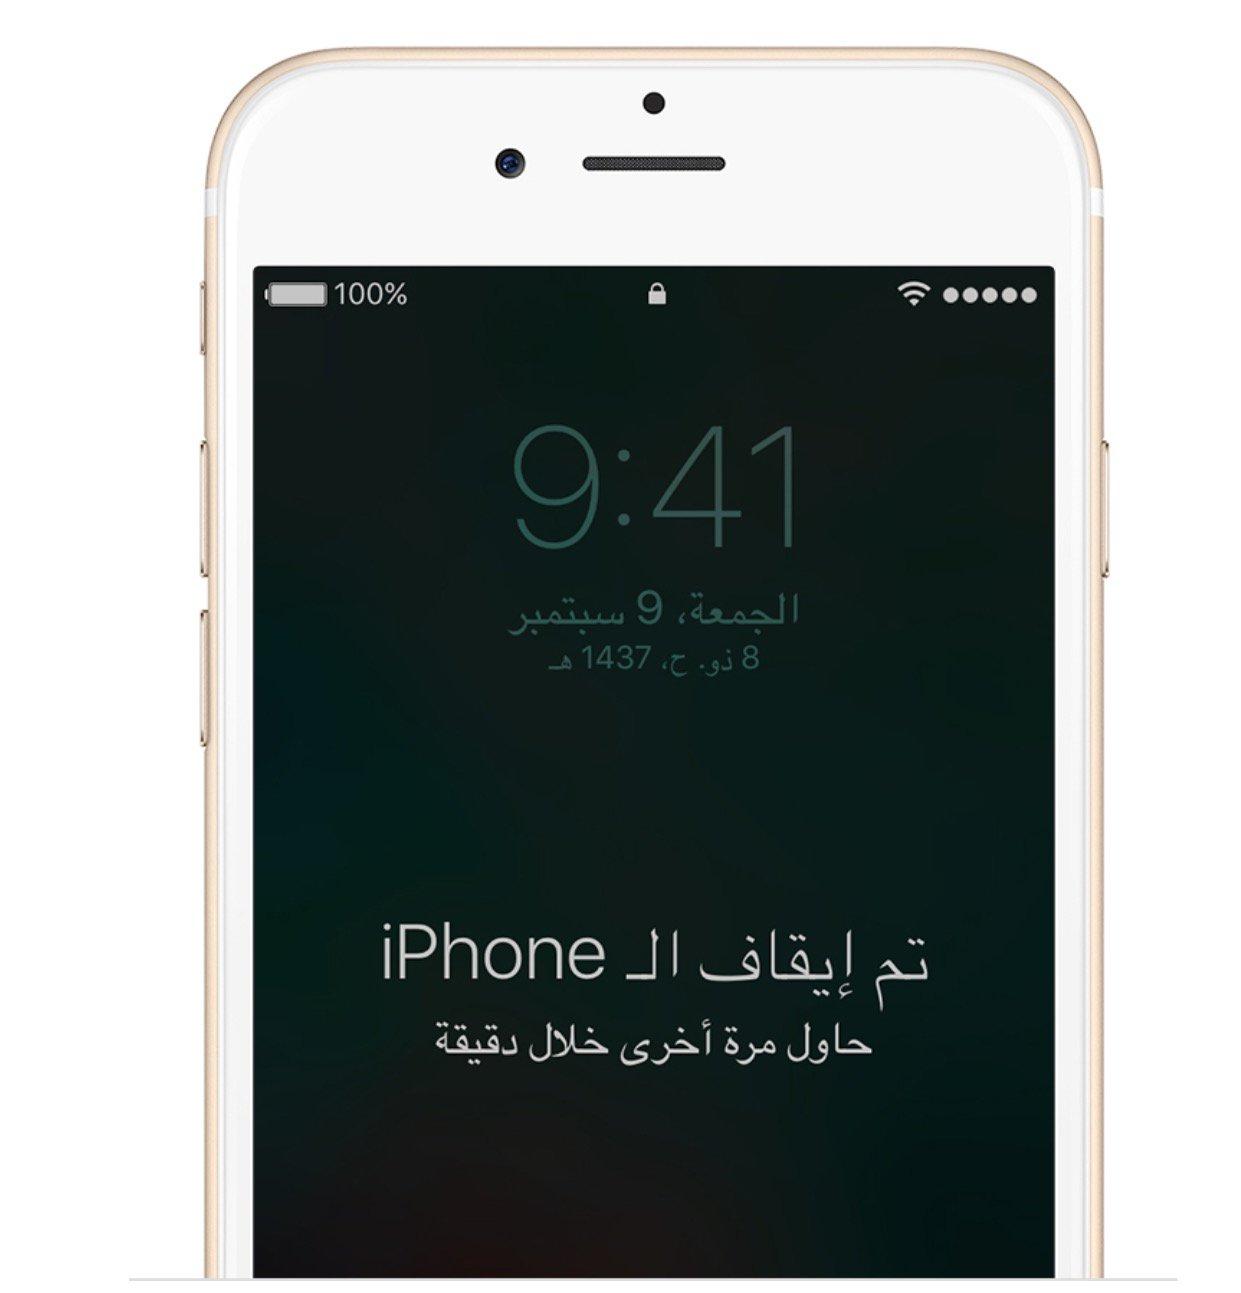 عبدالله السبيعي Na Twitterze حل مشكله تم ايقاف الايفون اتصل بالايتونز Https T Co Xvvedugfcf